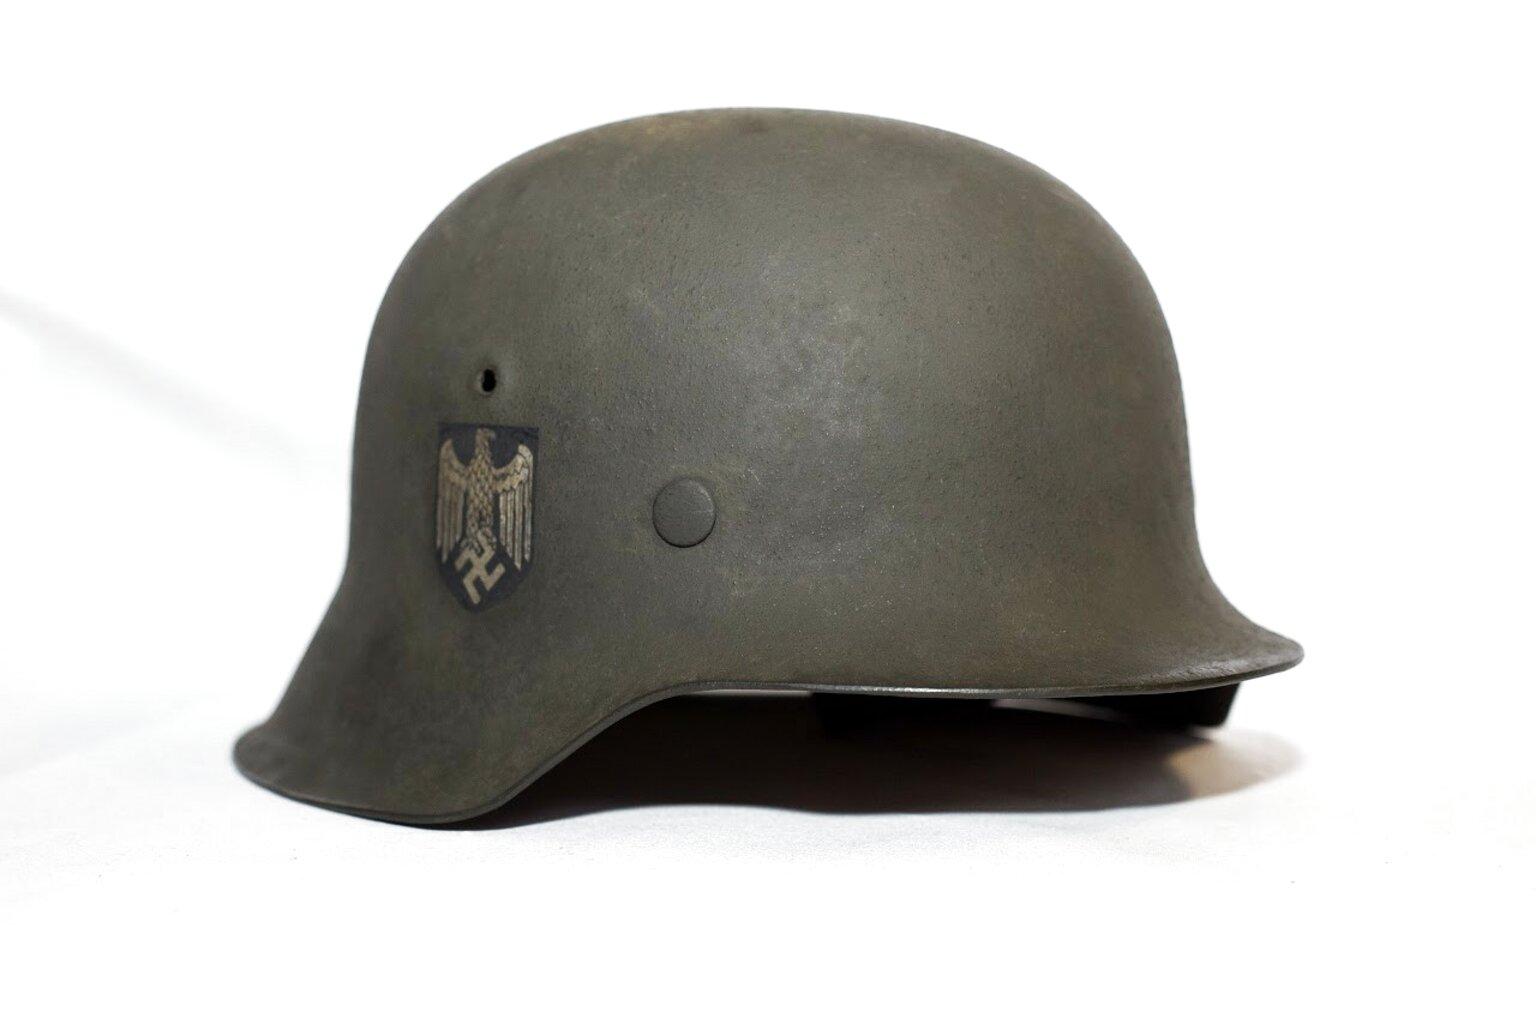 ww2 german m40 helmet for sale